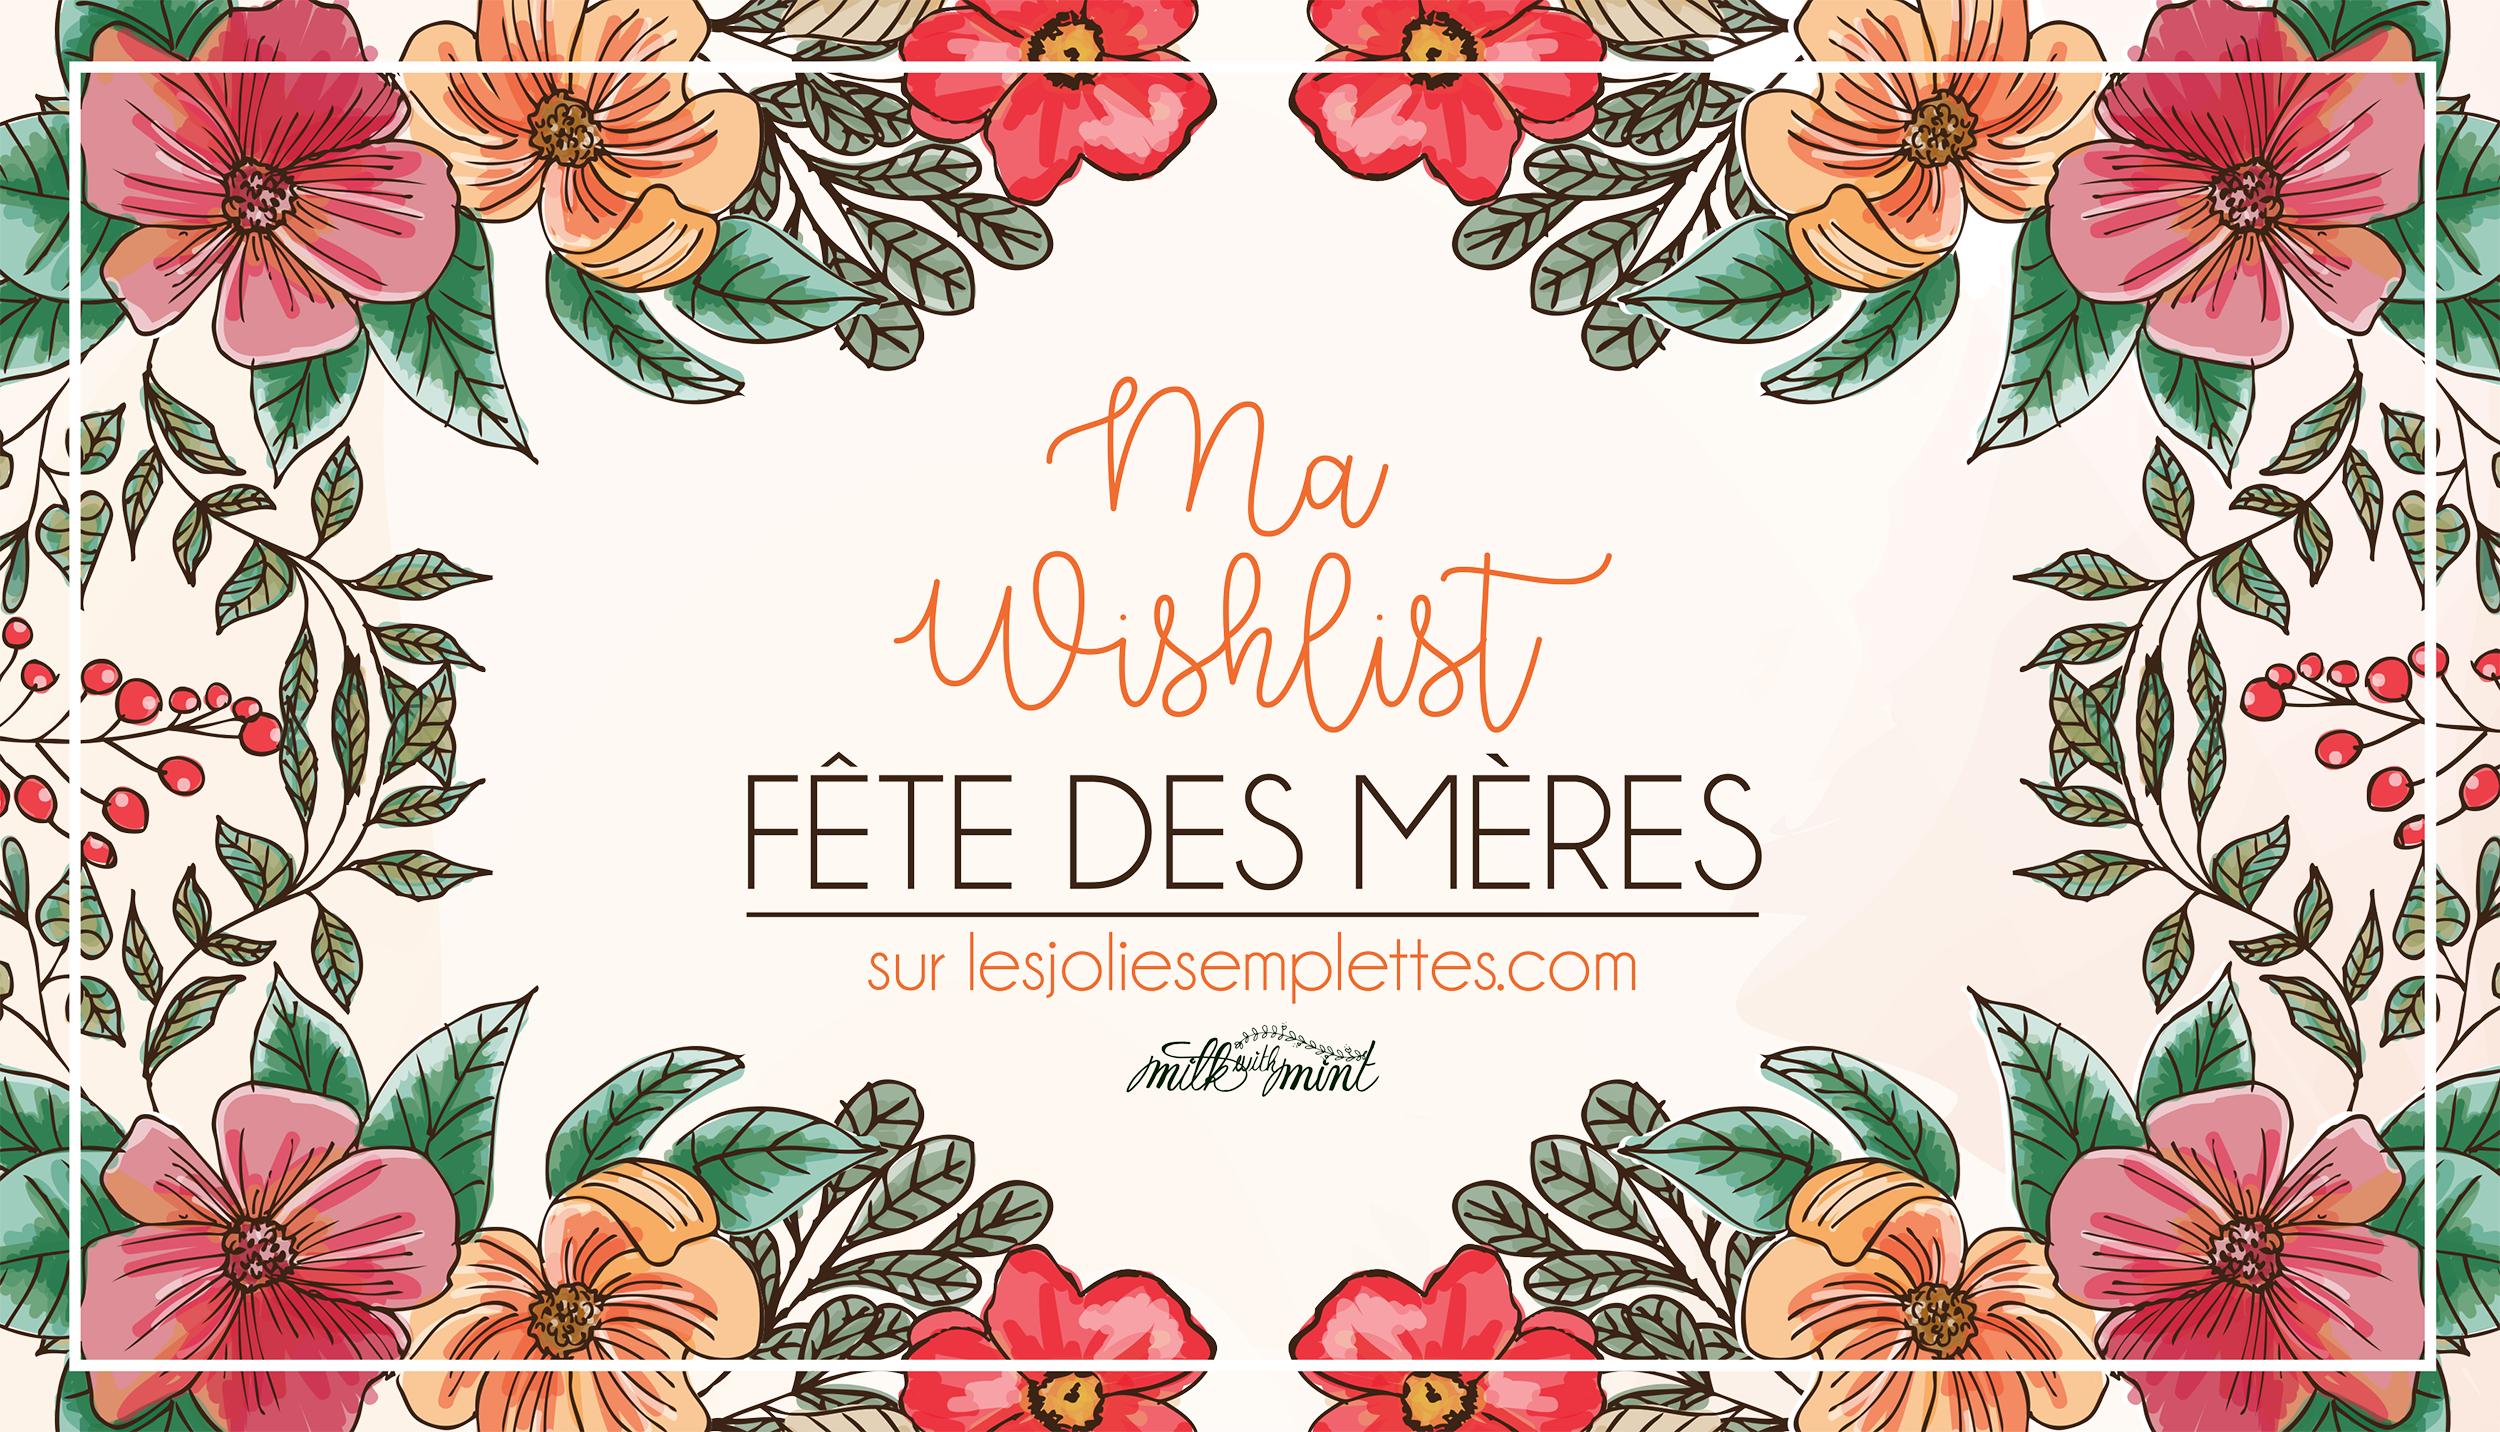 Whishlist f te des m res concours milk with mint - Fete des meres 2017 ...